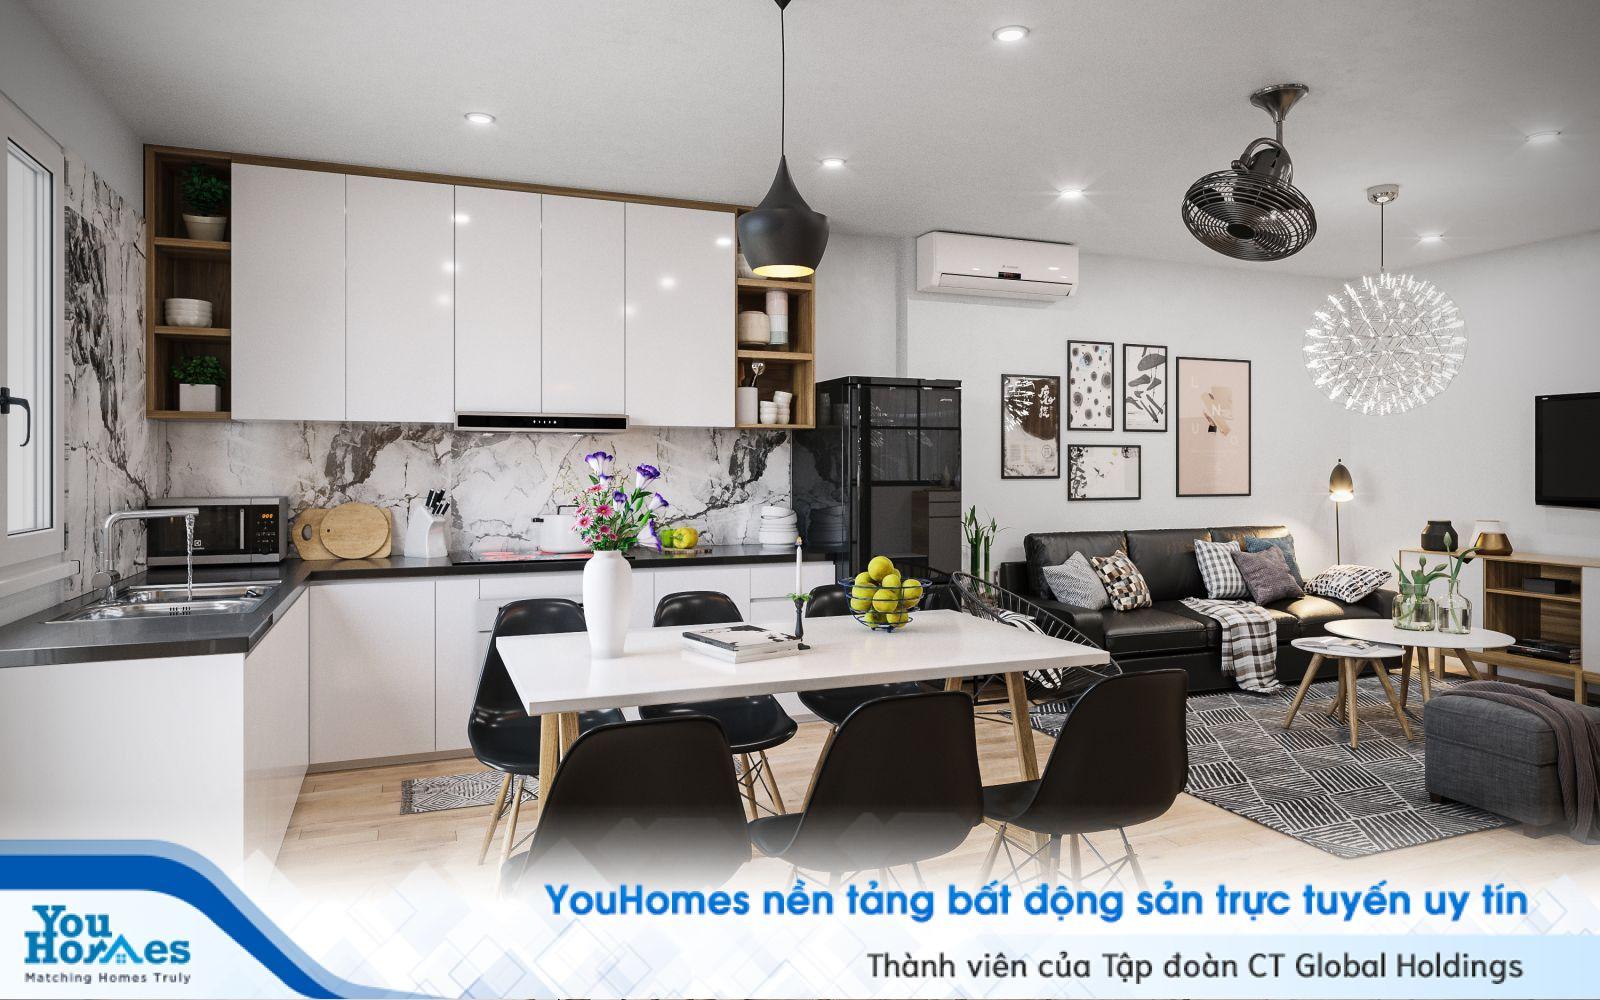 Công thức màu đen trắng sẽ làm cho phòng khách liền bếp cực kỳ hiện đại và ấn tượng.